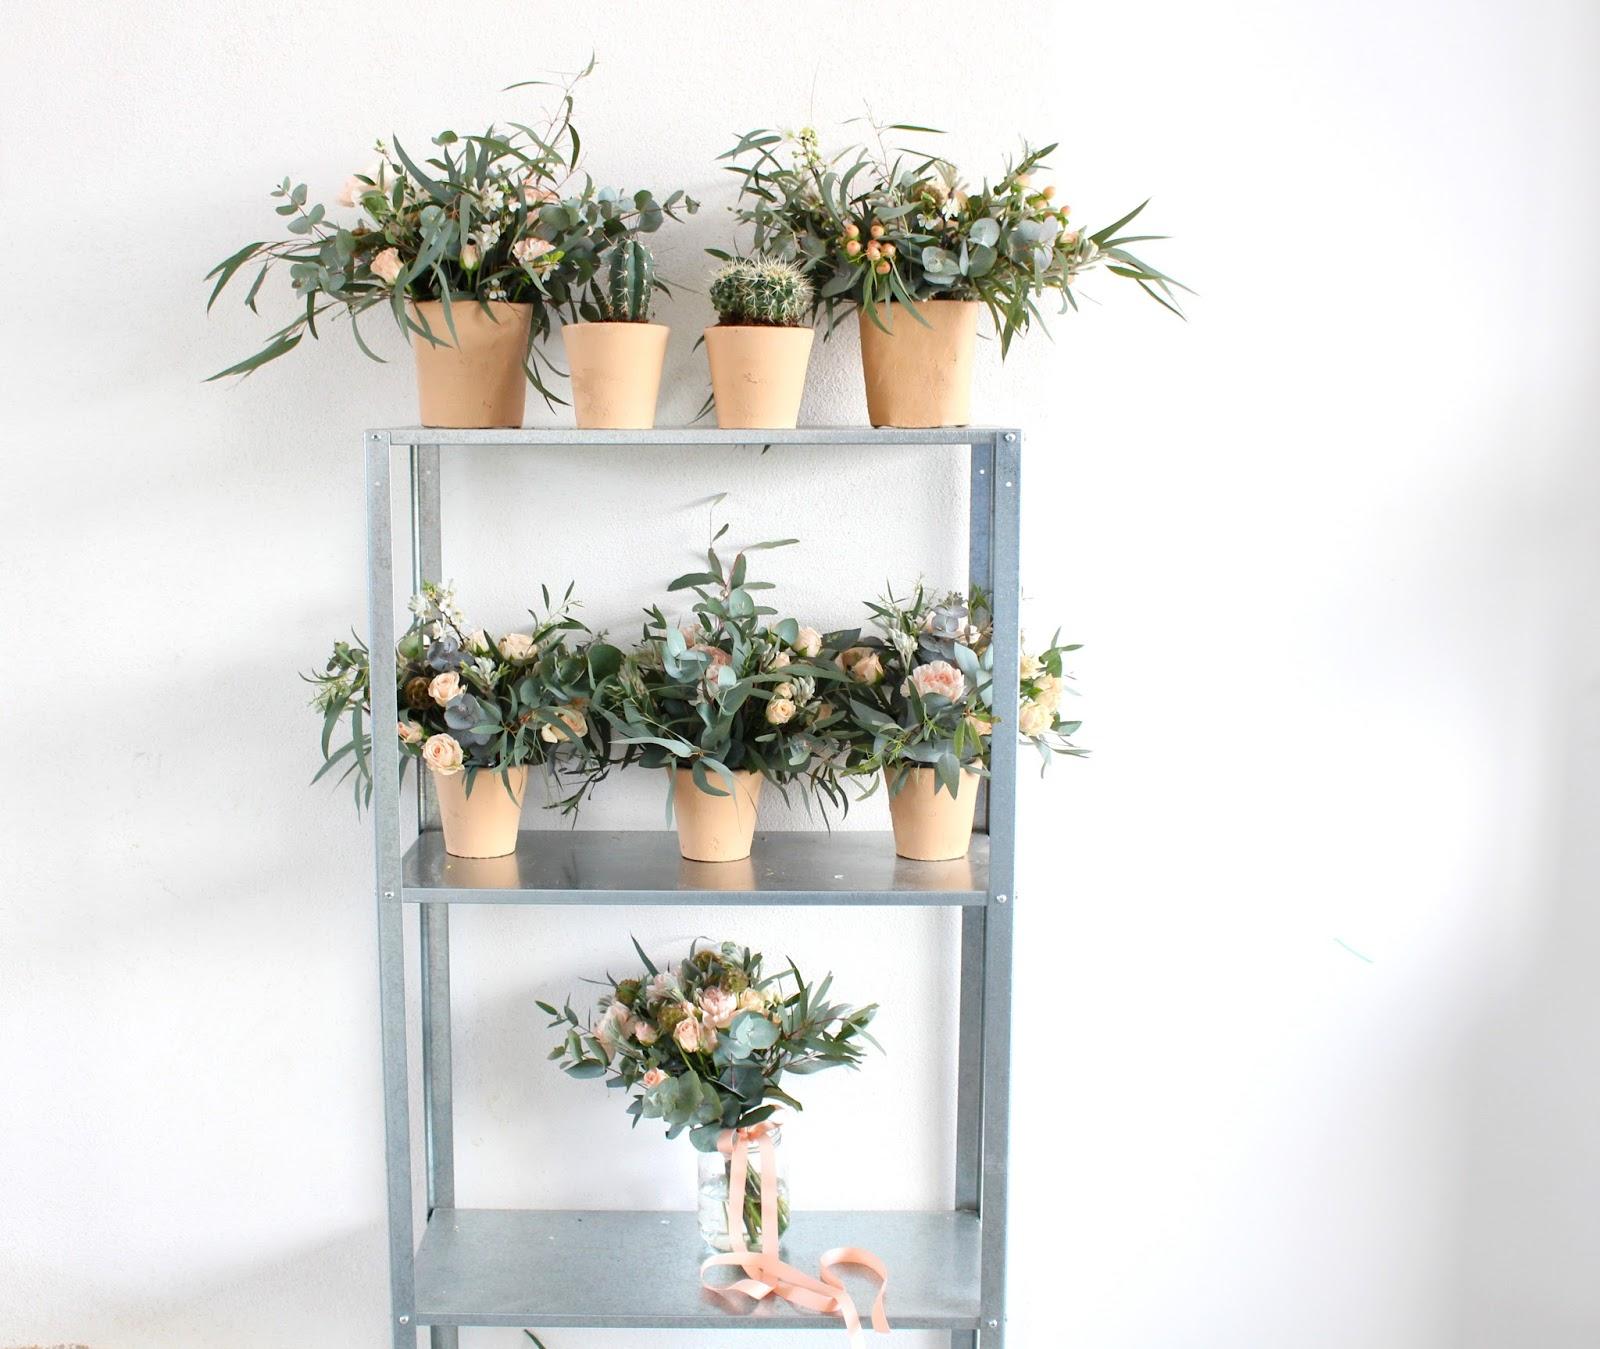 la petite boutique de fleurs fleuriste mariage lyon fleuriste mariage rh ne avril 2016. Black Bedroom Furniture Sets. Home Design Ideas